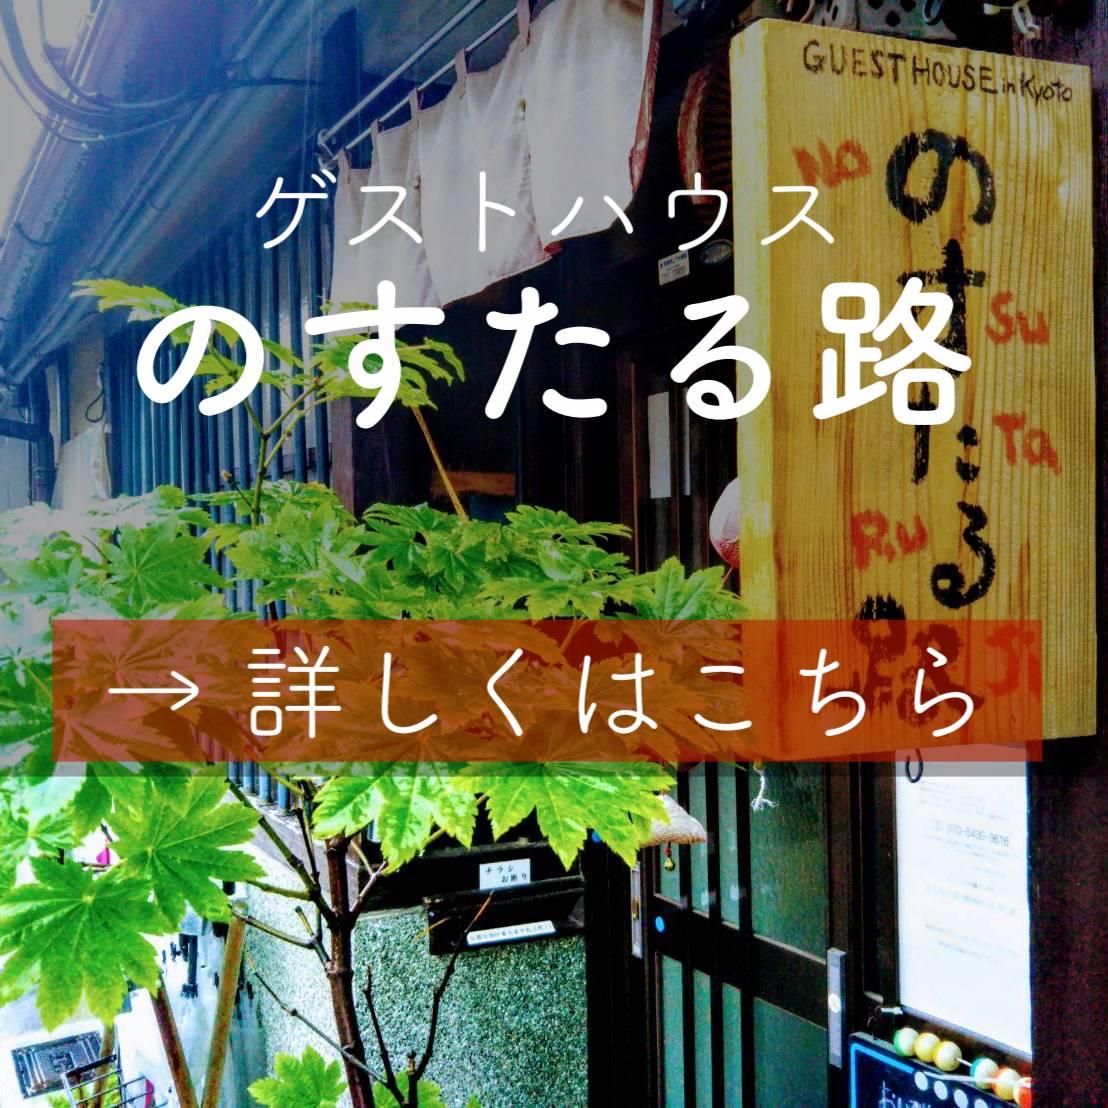 下町九条のリンク-henkou